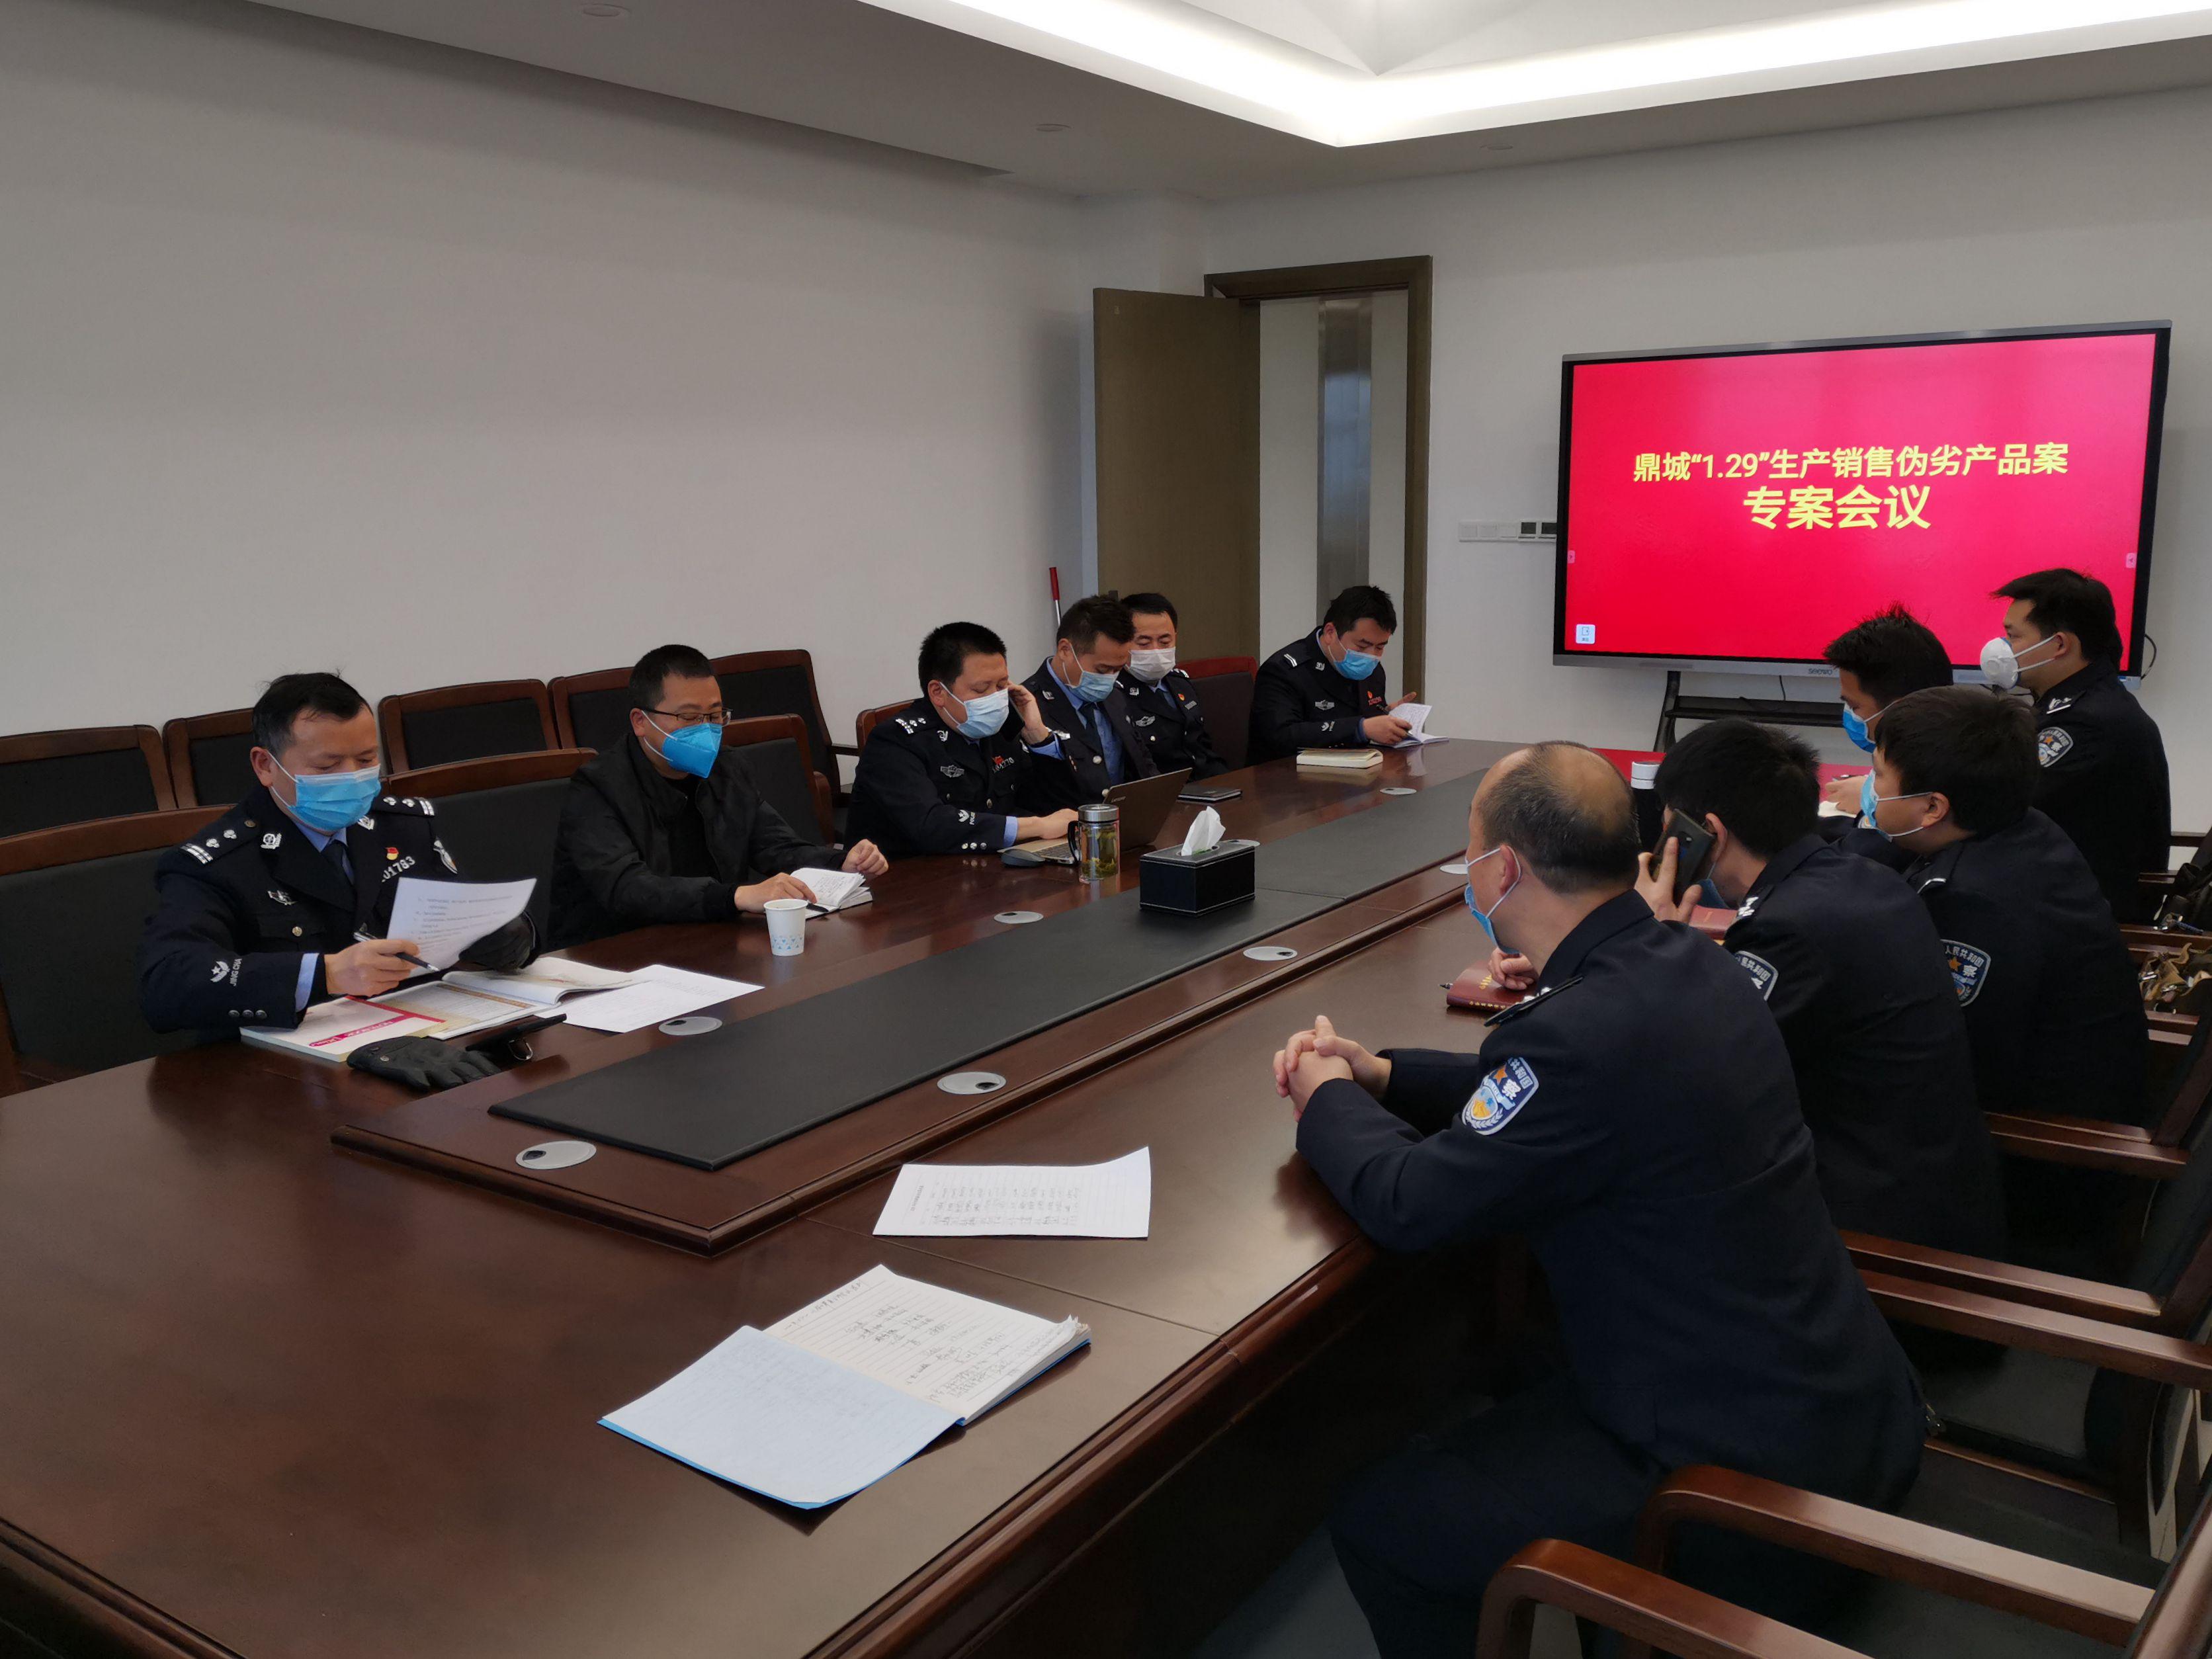 鼎城区人民检察院提前介入一起出售假冒伪劣口罩案